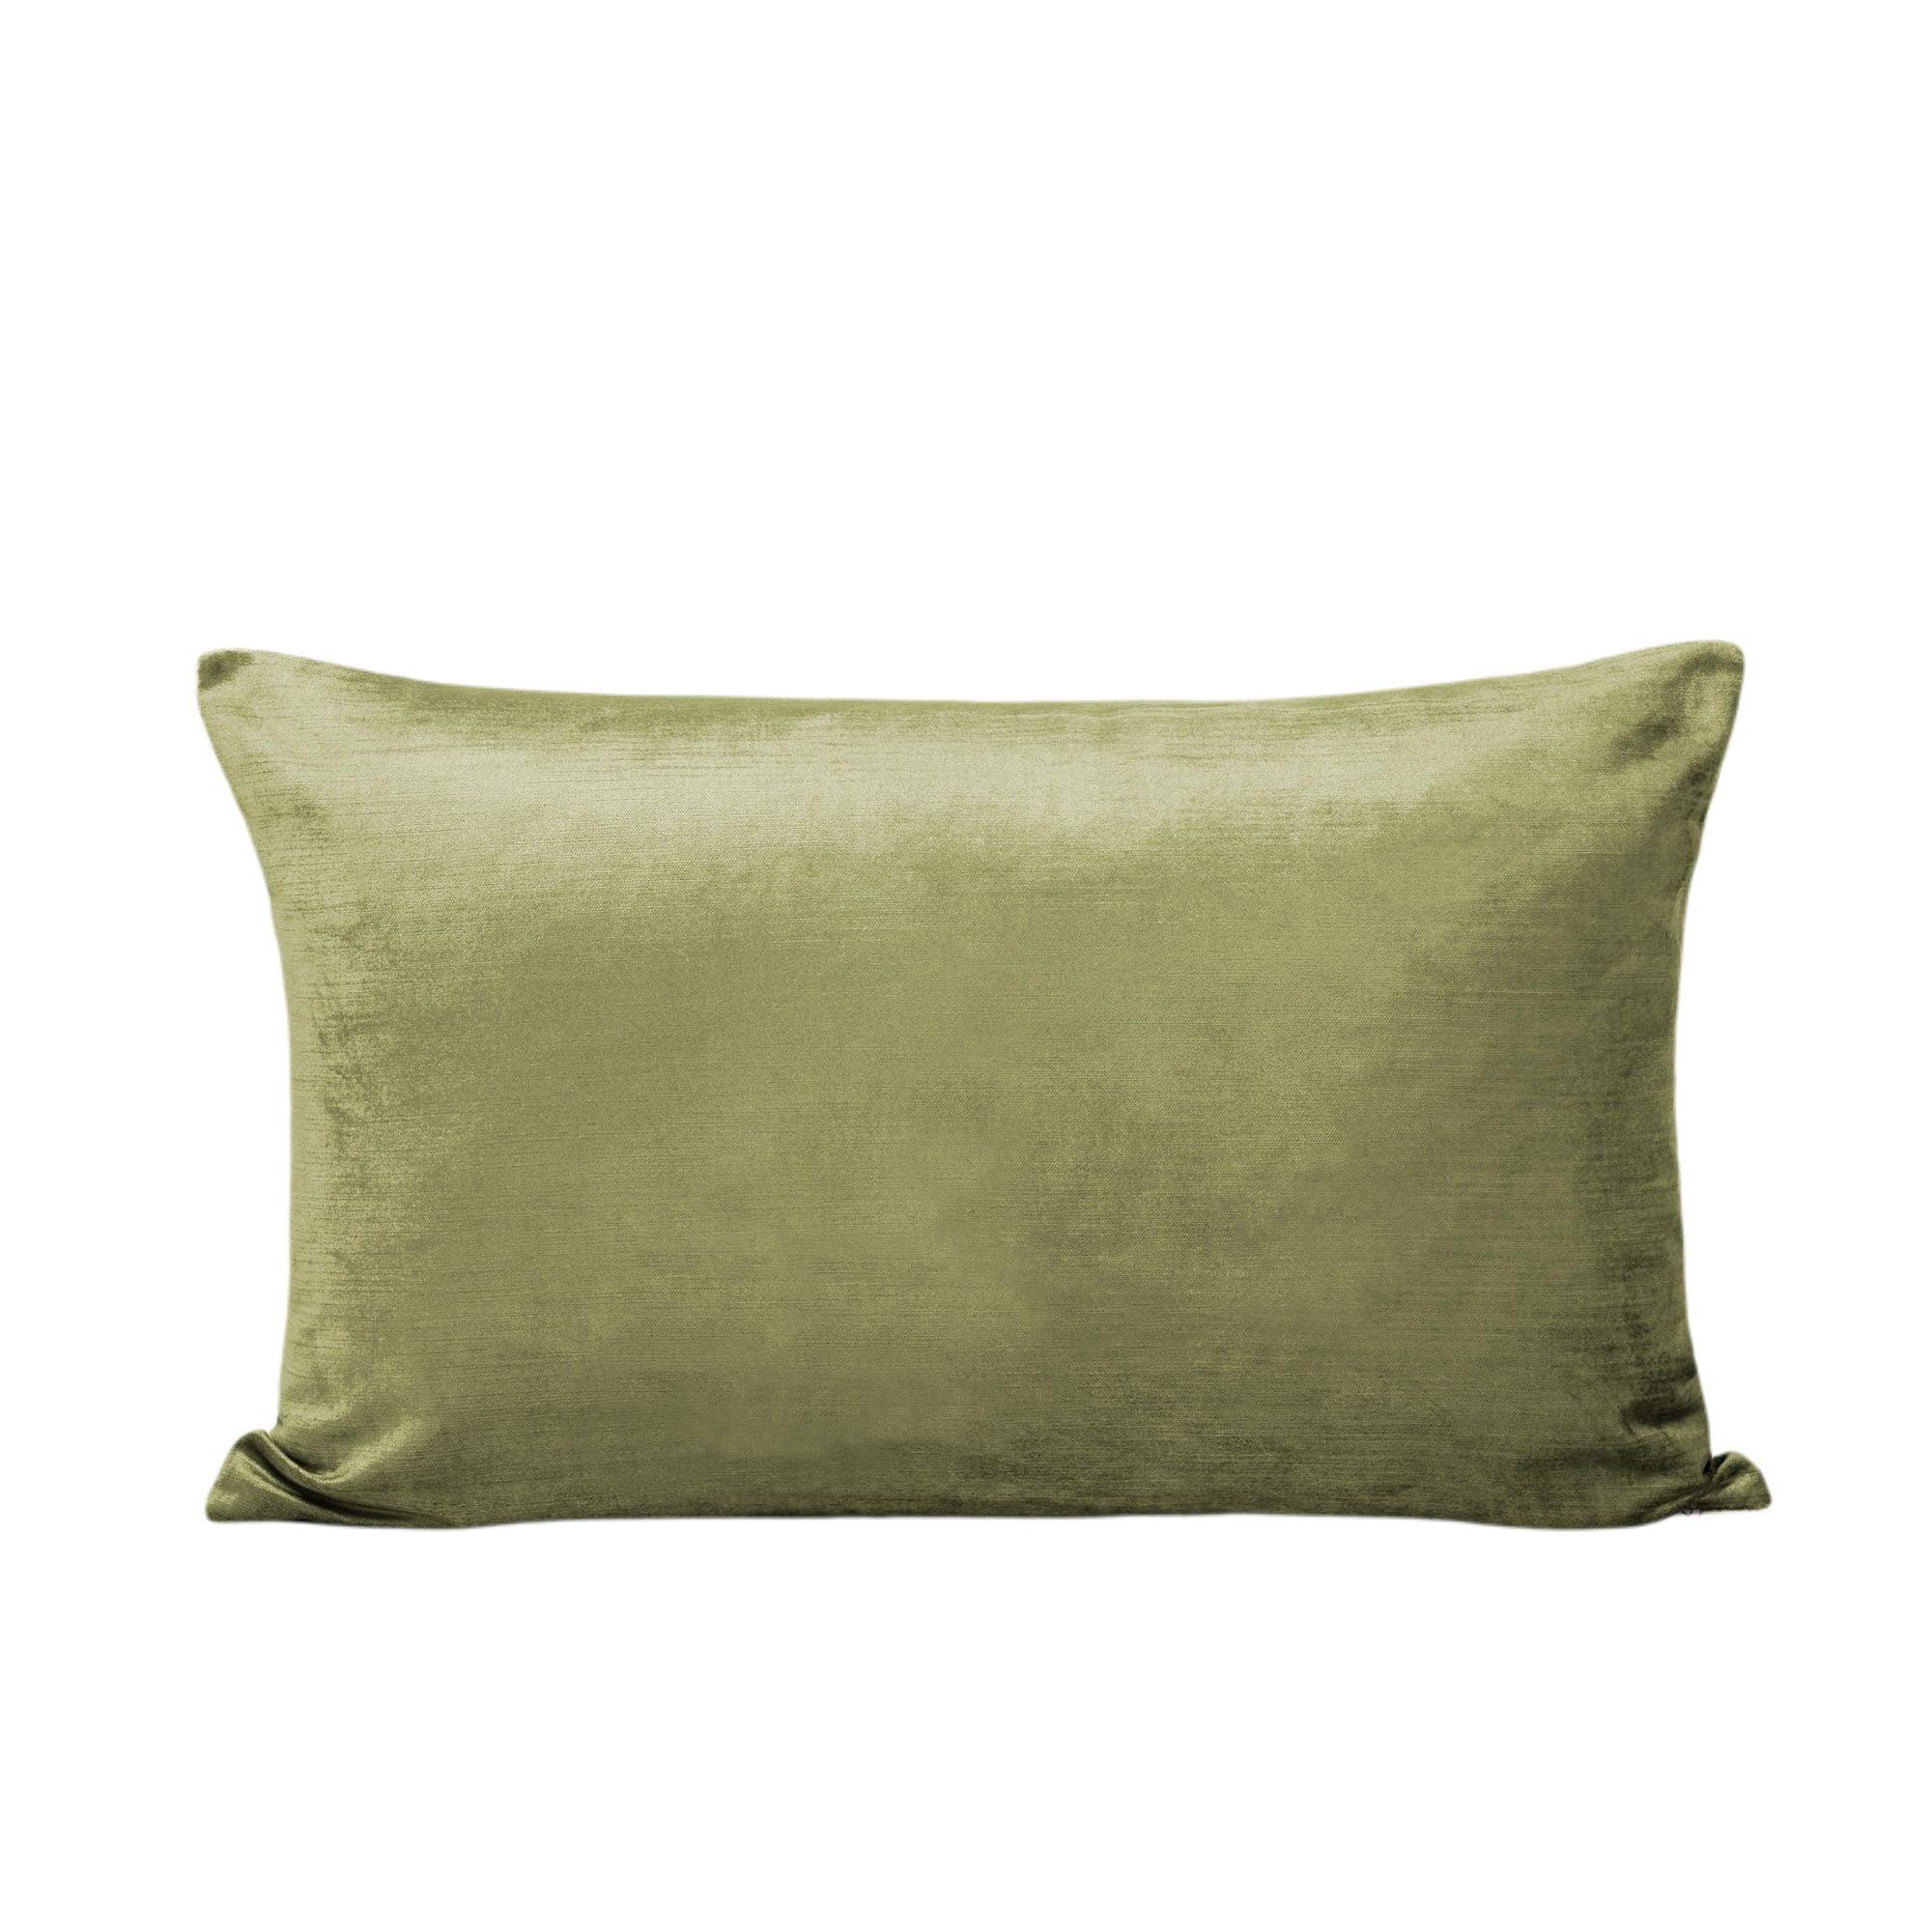 Housse de coussin 40x60 cm Vert olive